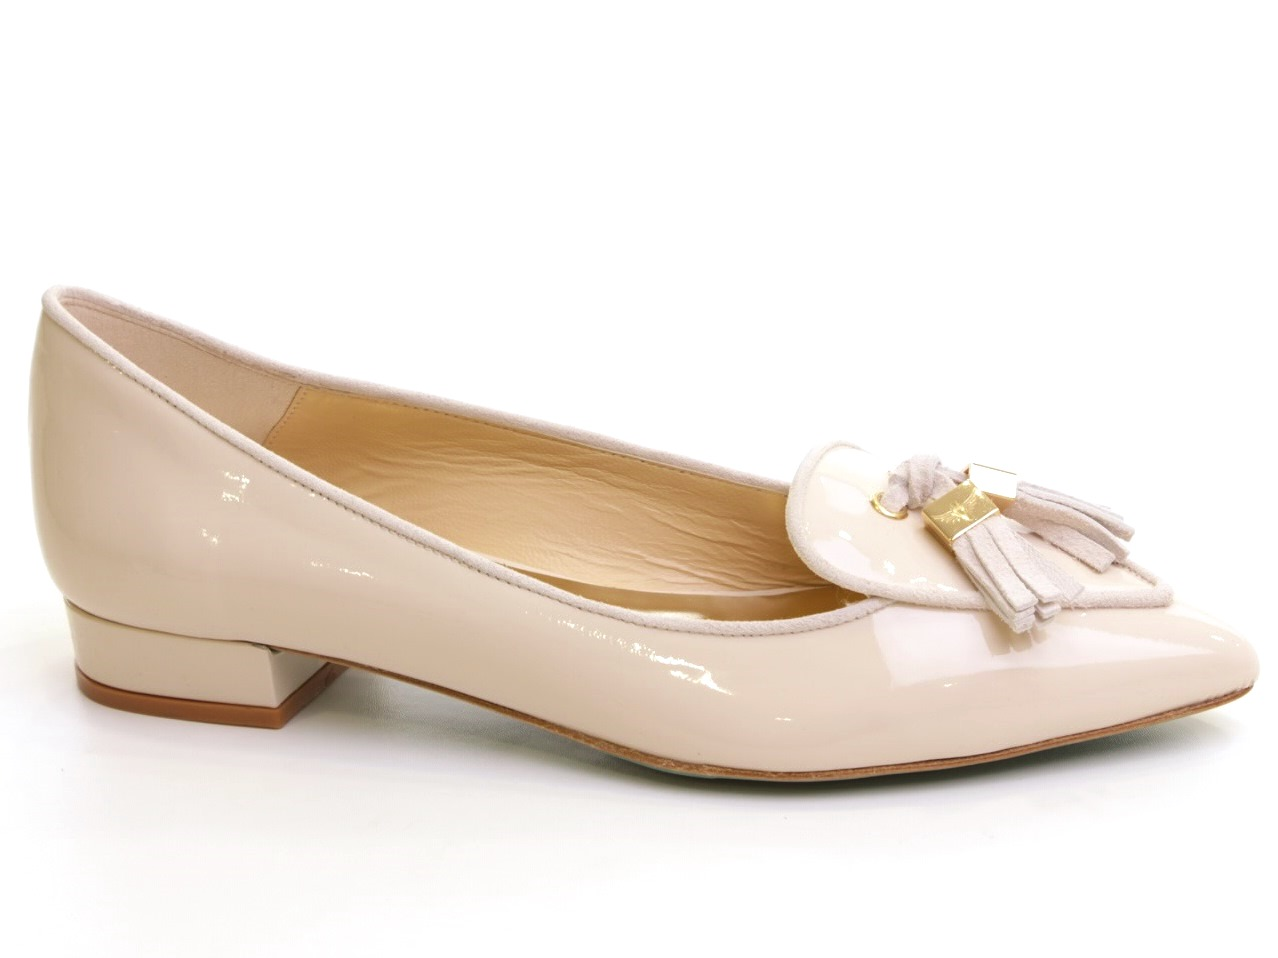 Chaussures Plates, Ballerine, Mocassins Miguel Vieira - 001 MVW15082